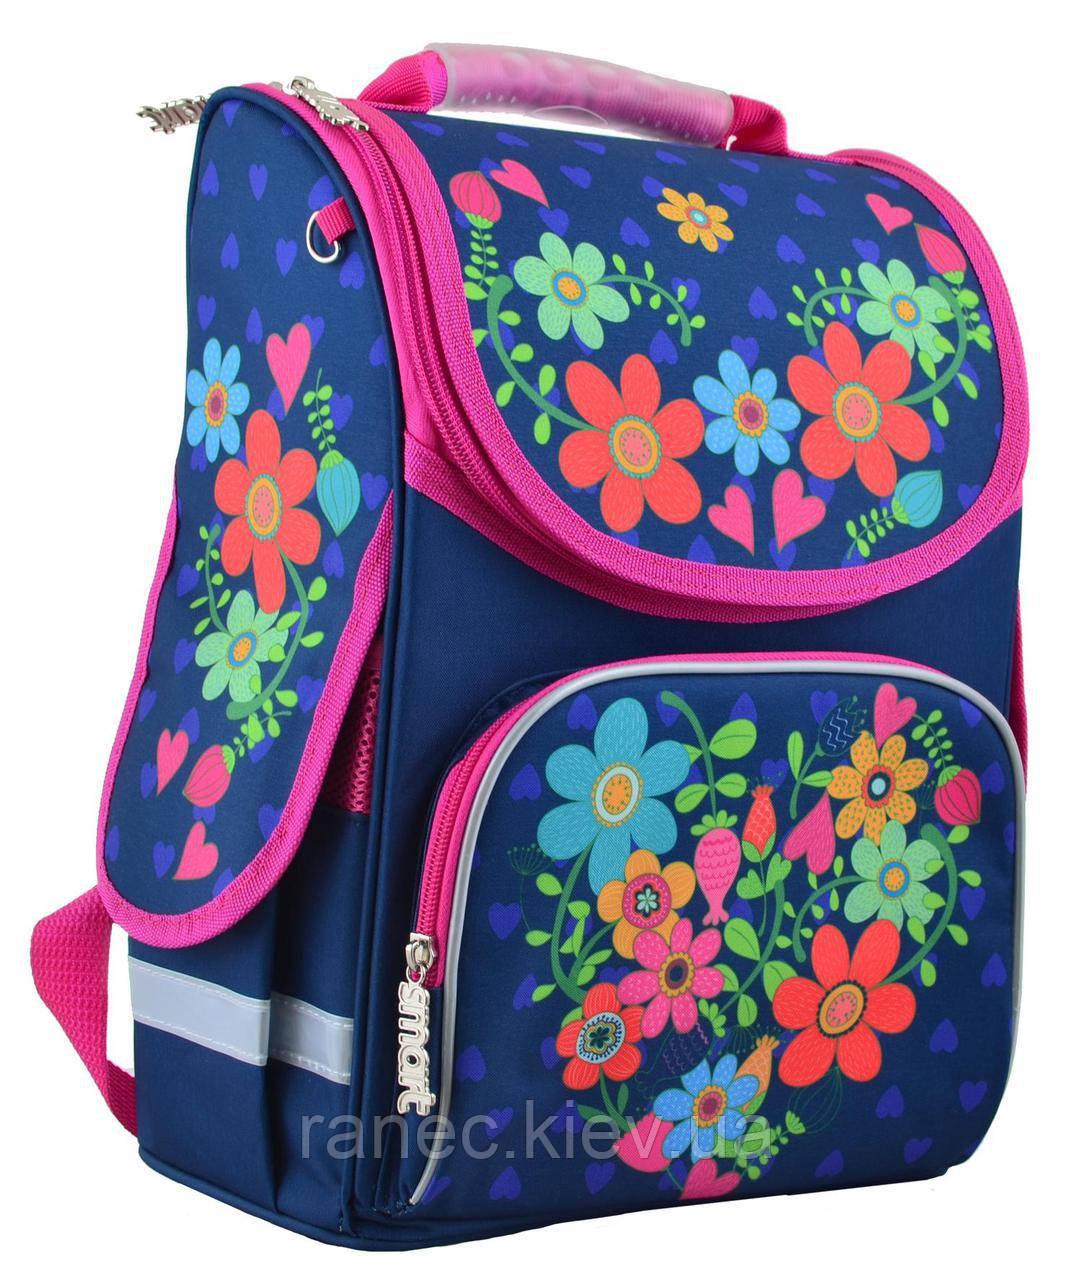 753b54276a54 Рюкзак Каркасный Smart PG-11 Flowers Blue 554464 — в Категории ...